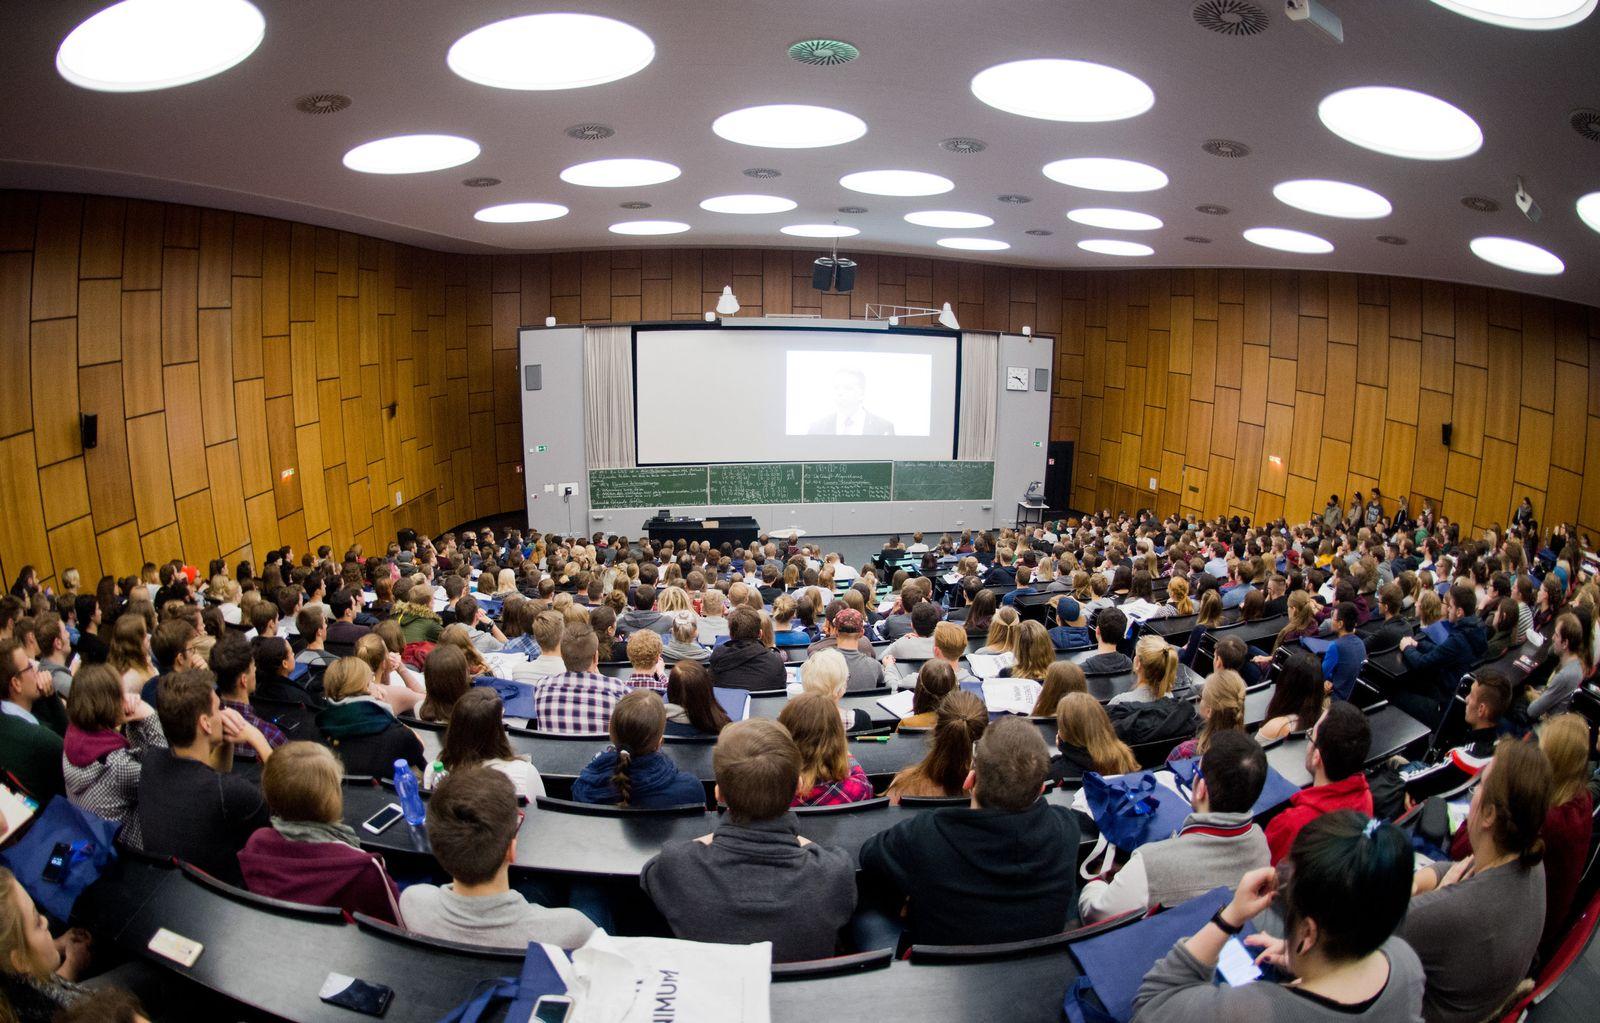 Hörsal Uni Hannover